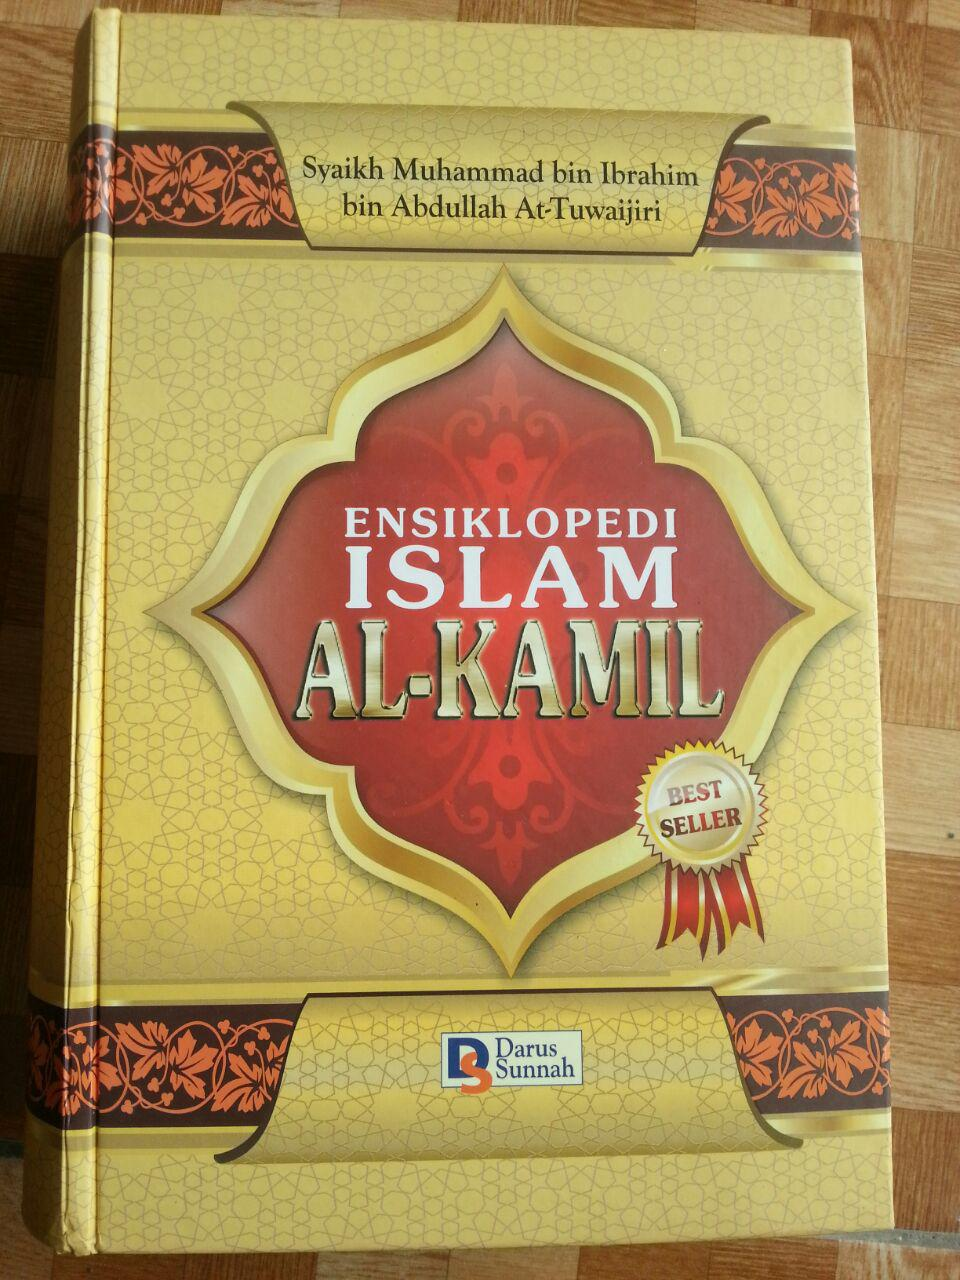 Buku Ensiklopedi Islam Al-Kamil cover 2